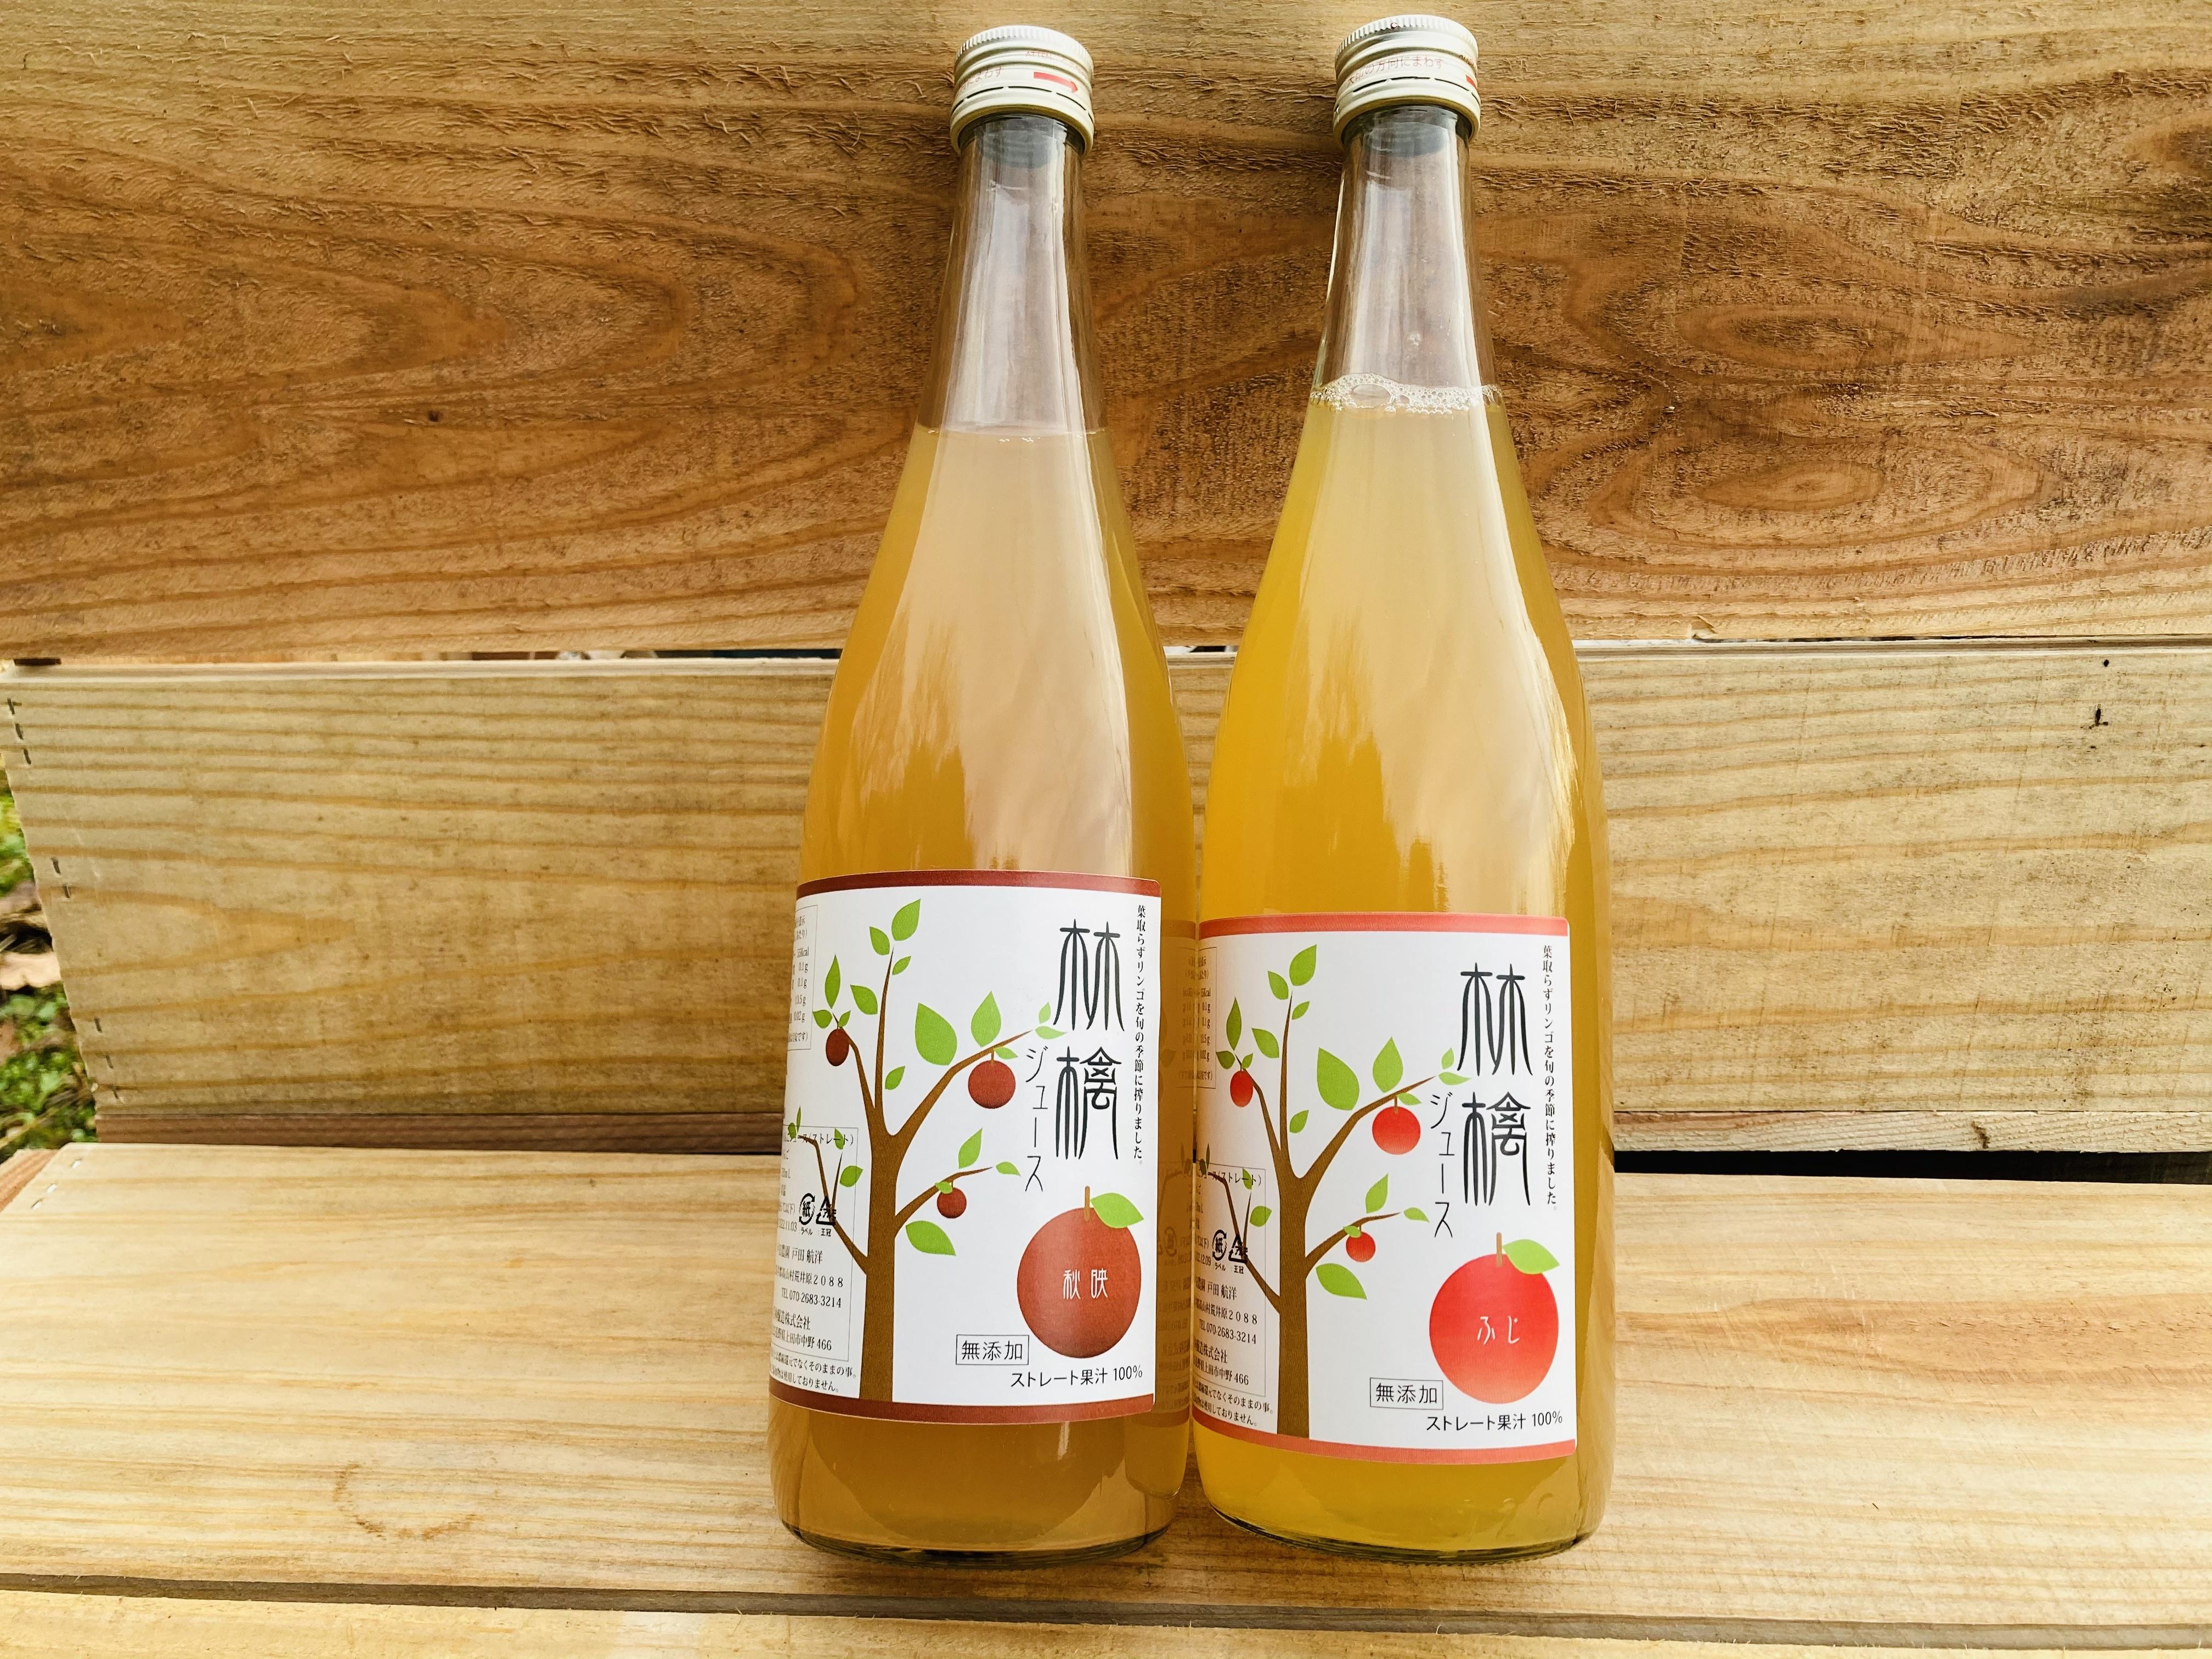 【2本入り】「秋映&ふじ」ストレートジュース飲み比べセット